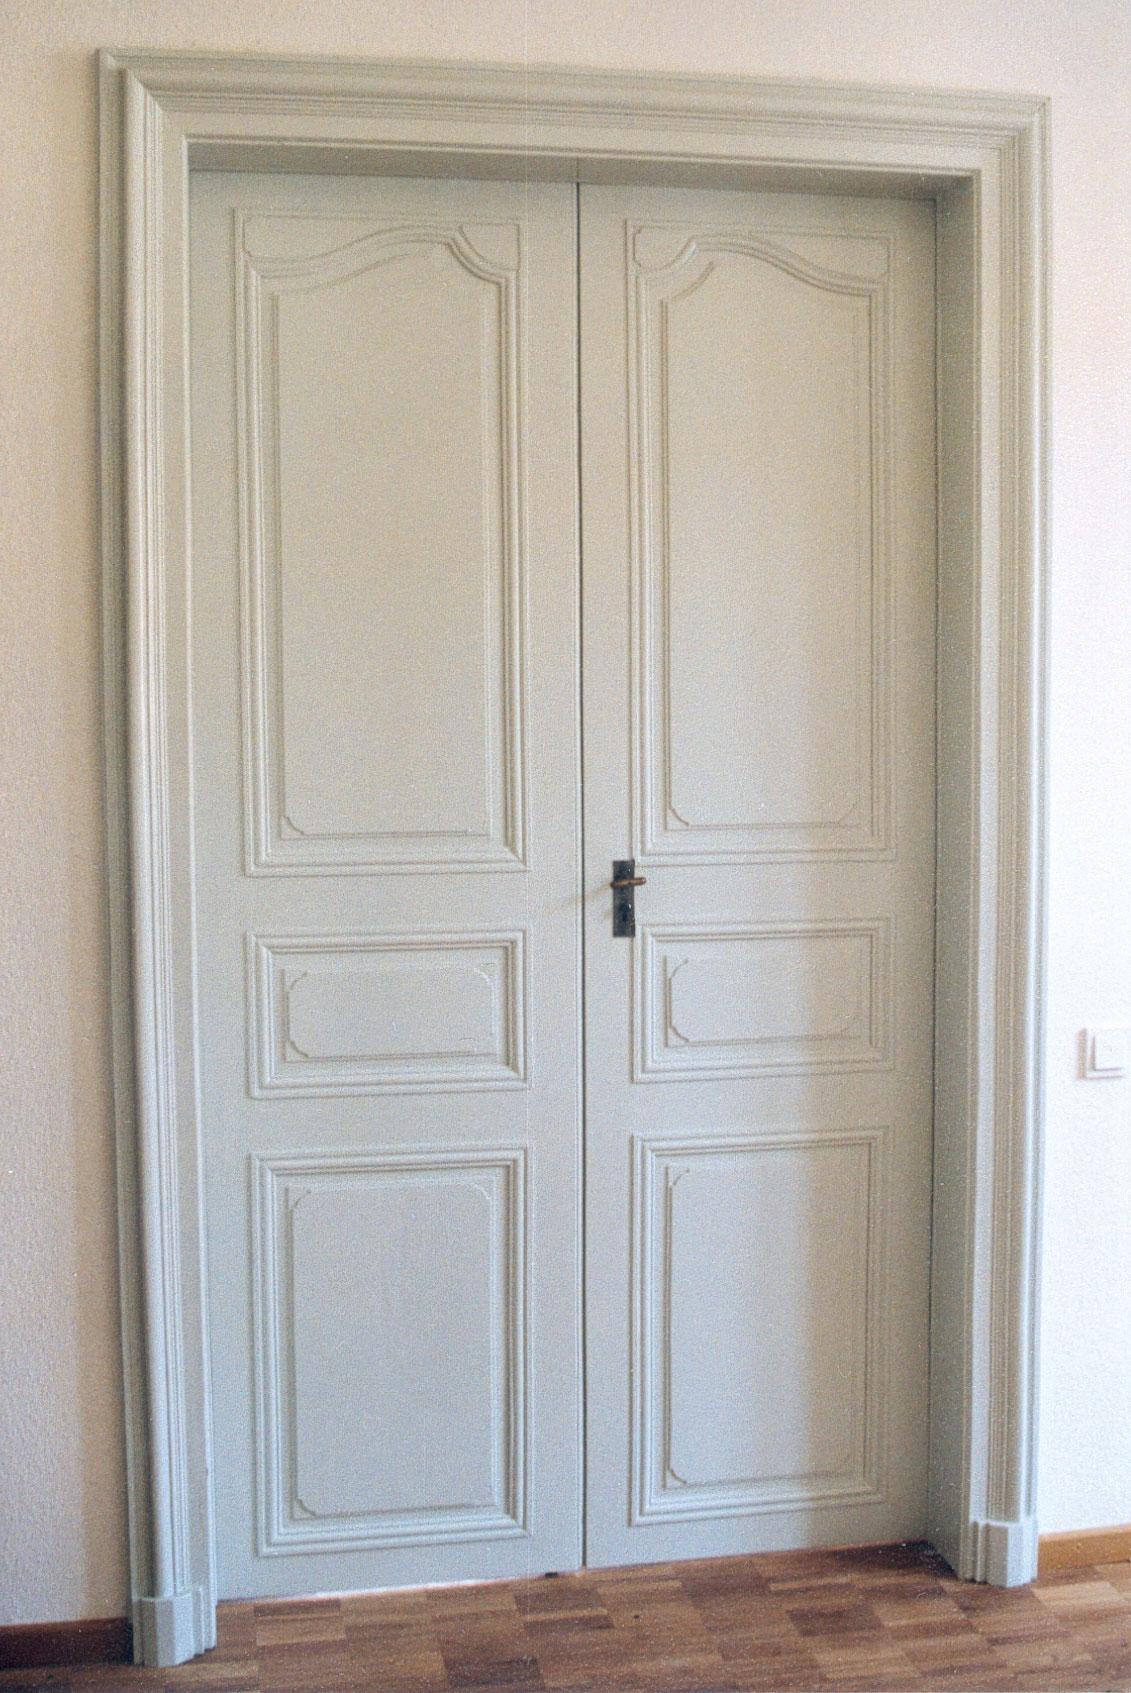 Türen spielen eine wichtige Rolle für die Atmosphäre.